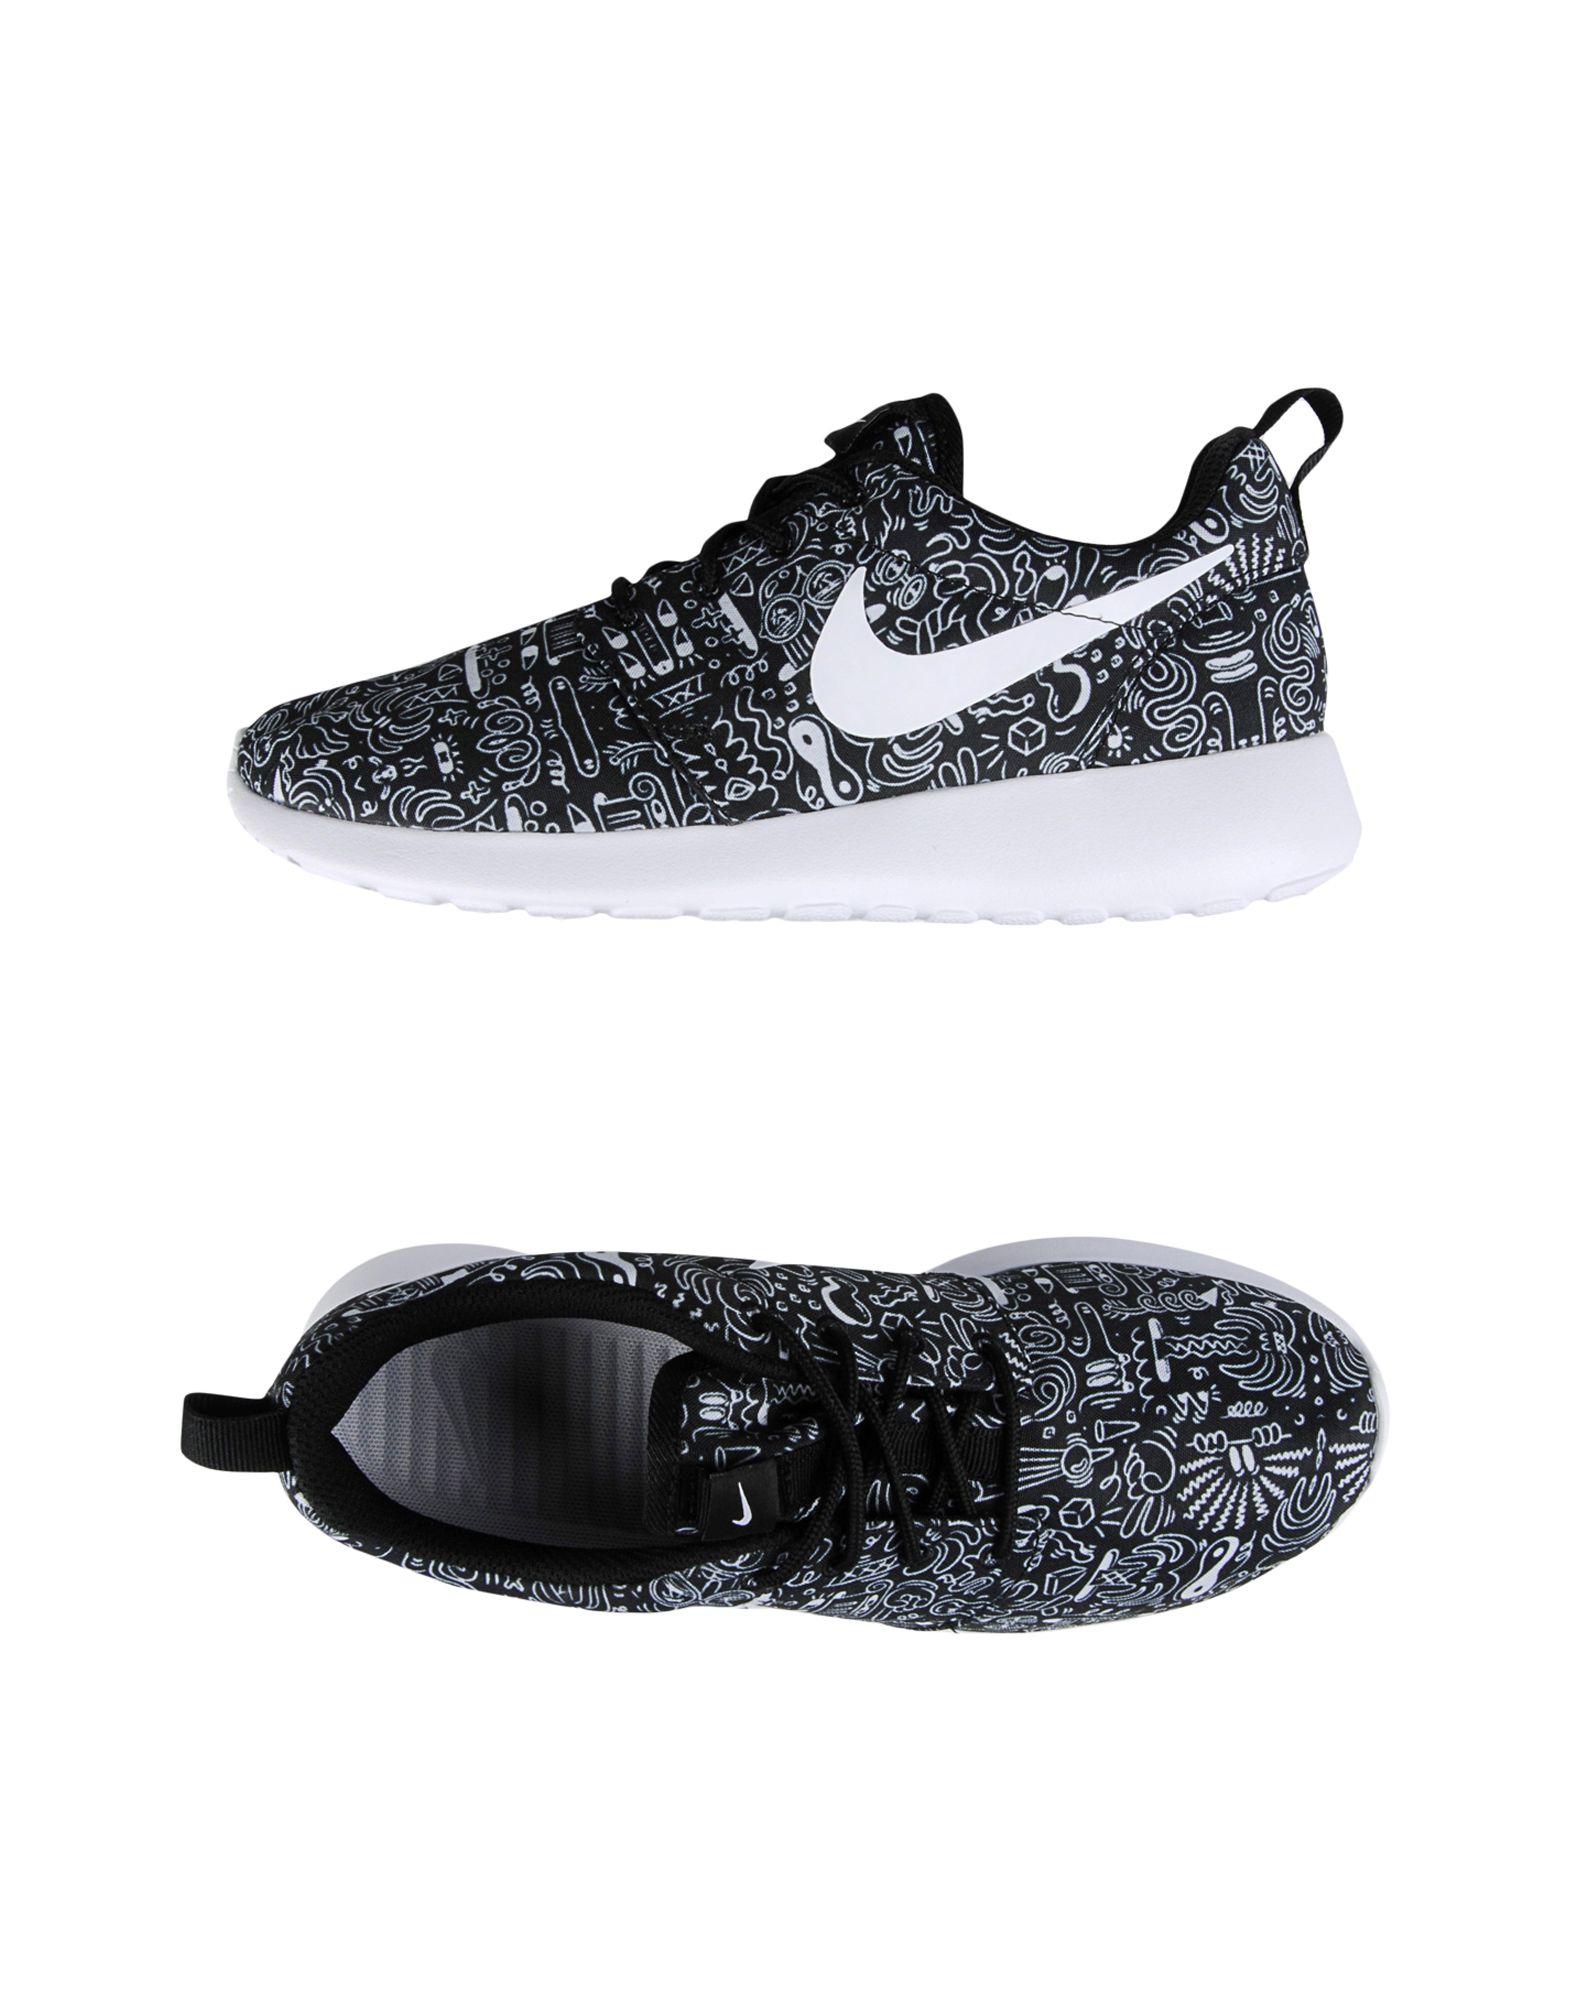 Sneakers Nike Wmns Nike Roshe One Print Prem - Donna - 11043984PU